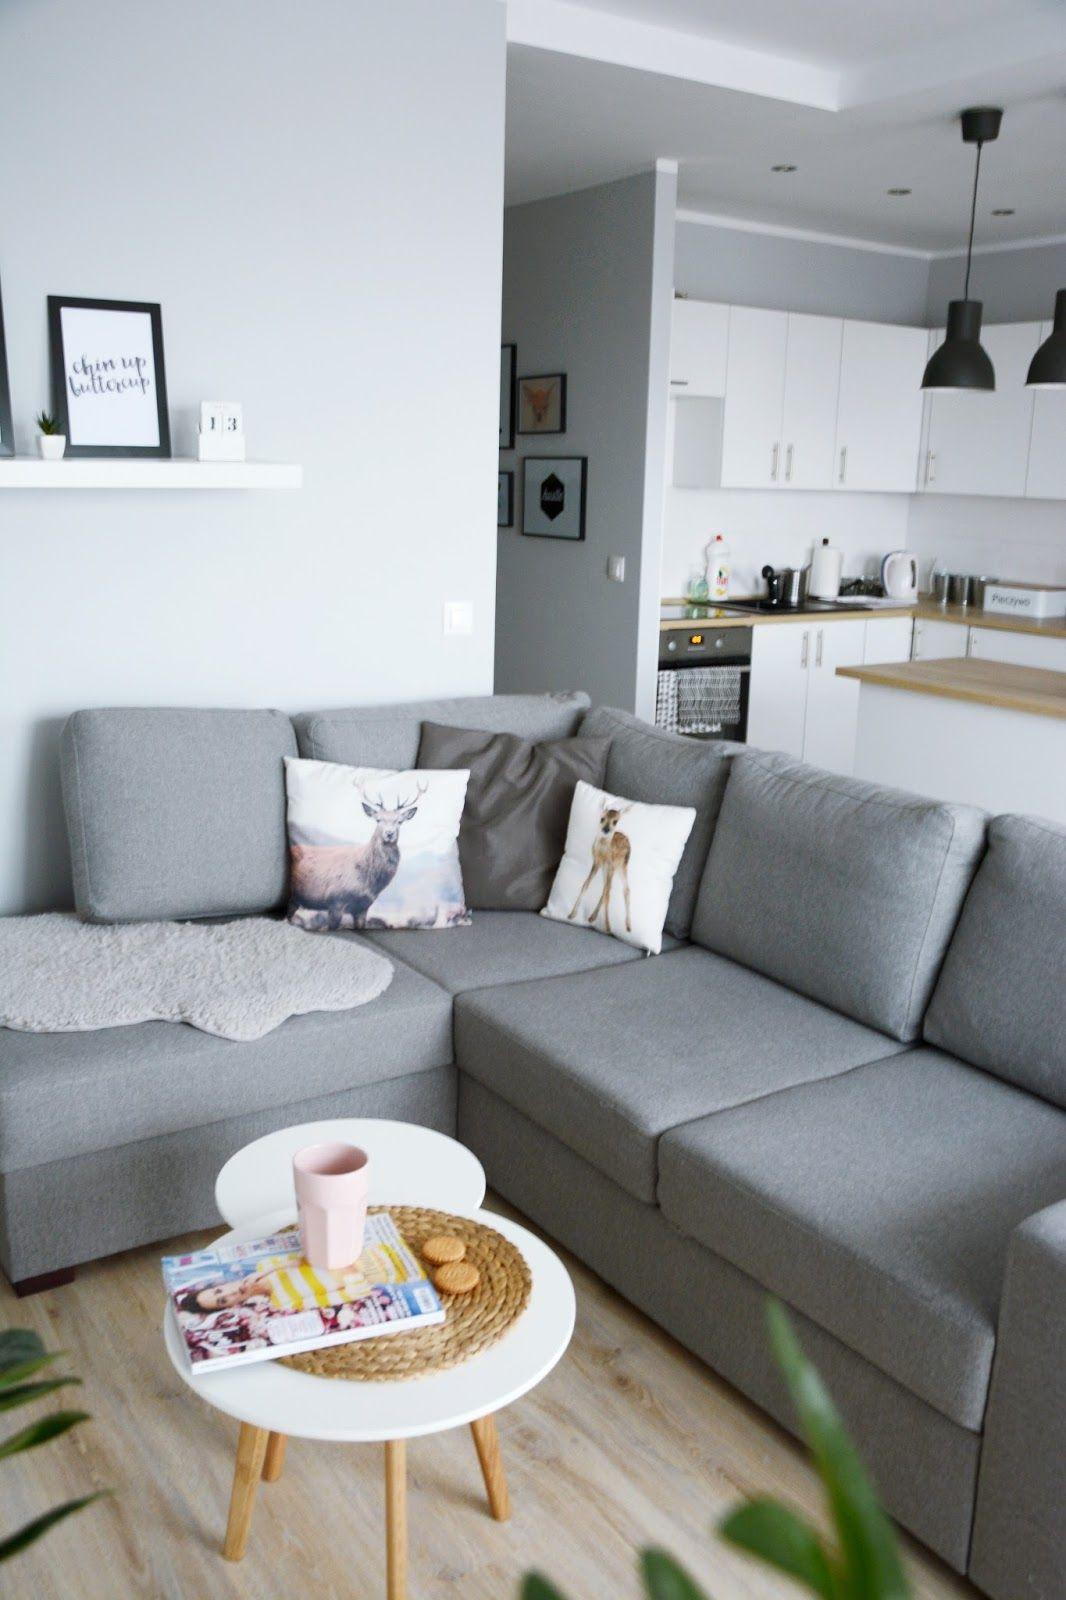 Inspiracje Jak Tanio Wyremontowac Mieszkanie Tani Remont Jak Tanio Wyremontowac M3 Szare Mieszkanie Mieszkanie W Bloku W Sty Home Decor Home Bedroom Decor